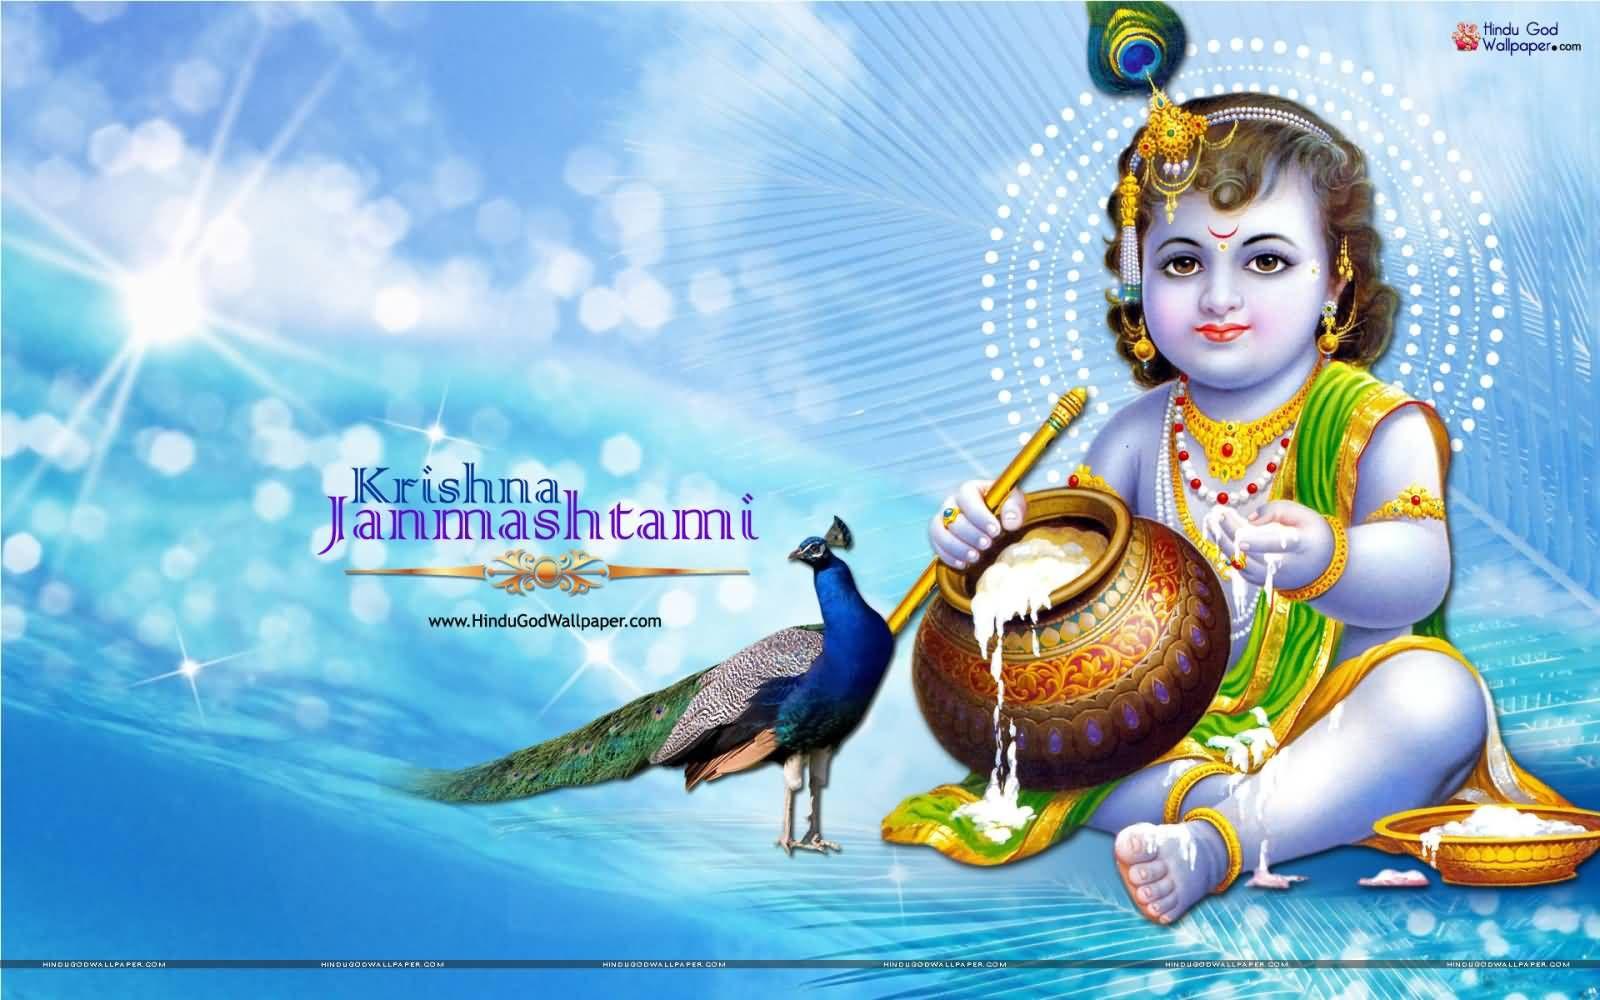 Lord shree bal krishna wallpaper beautiful hd wallpaper - God Cute Krishna Wallpaper For Desktop Facebook Bal Krishna Wallpapers Pinterest Krishna Wallpaper Krishna And Wallpaper